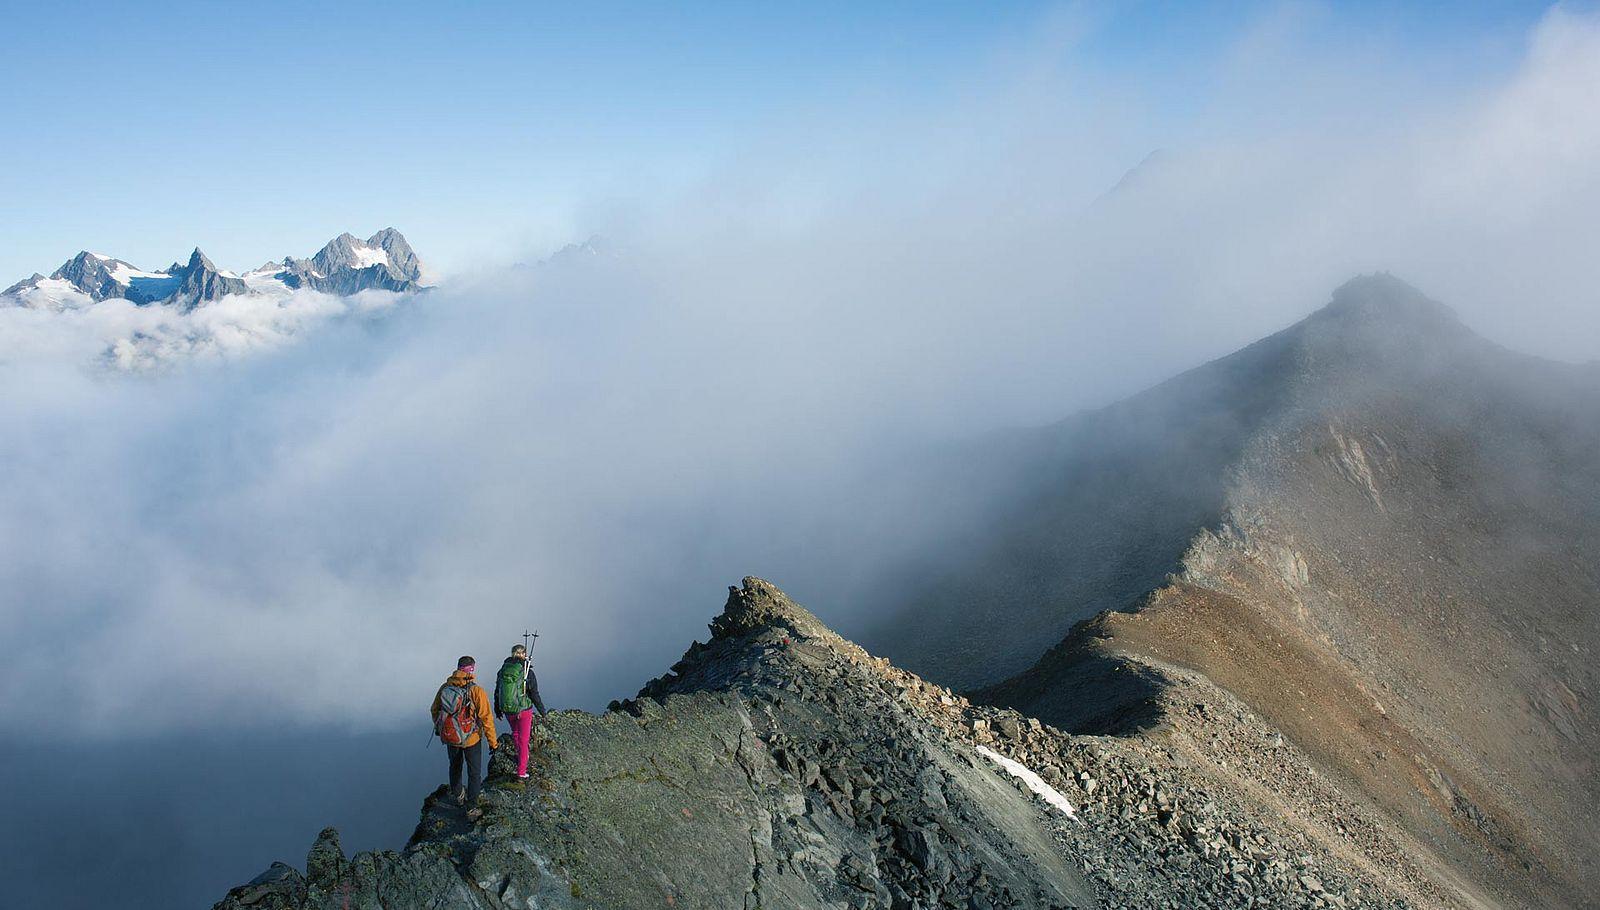 Sölden: malerische Bergseen, wilde Natur und faszinierendes Panorama